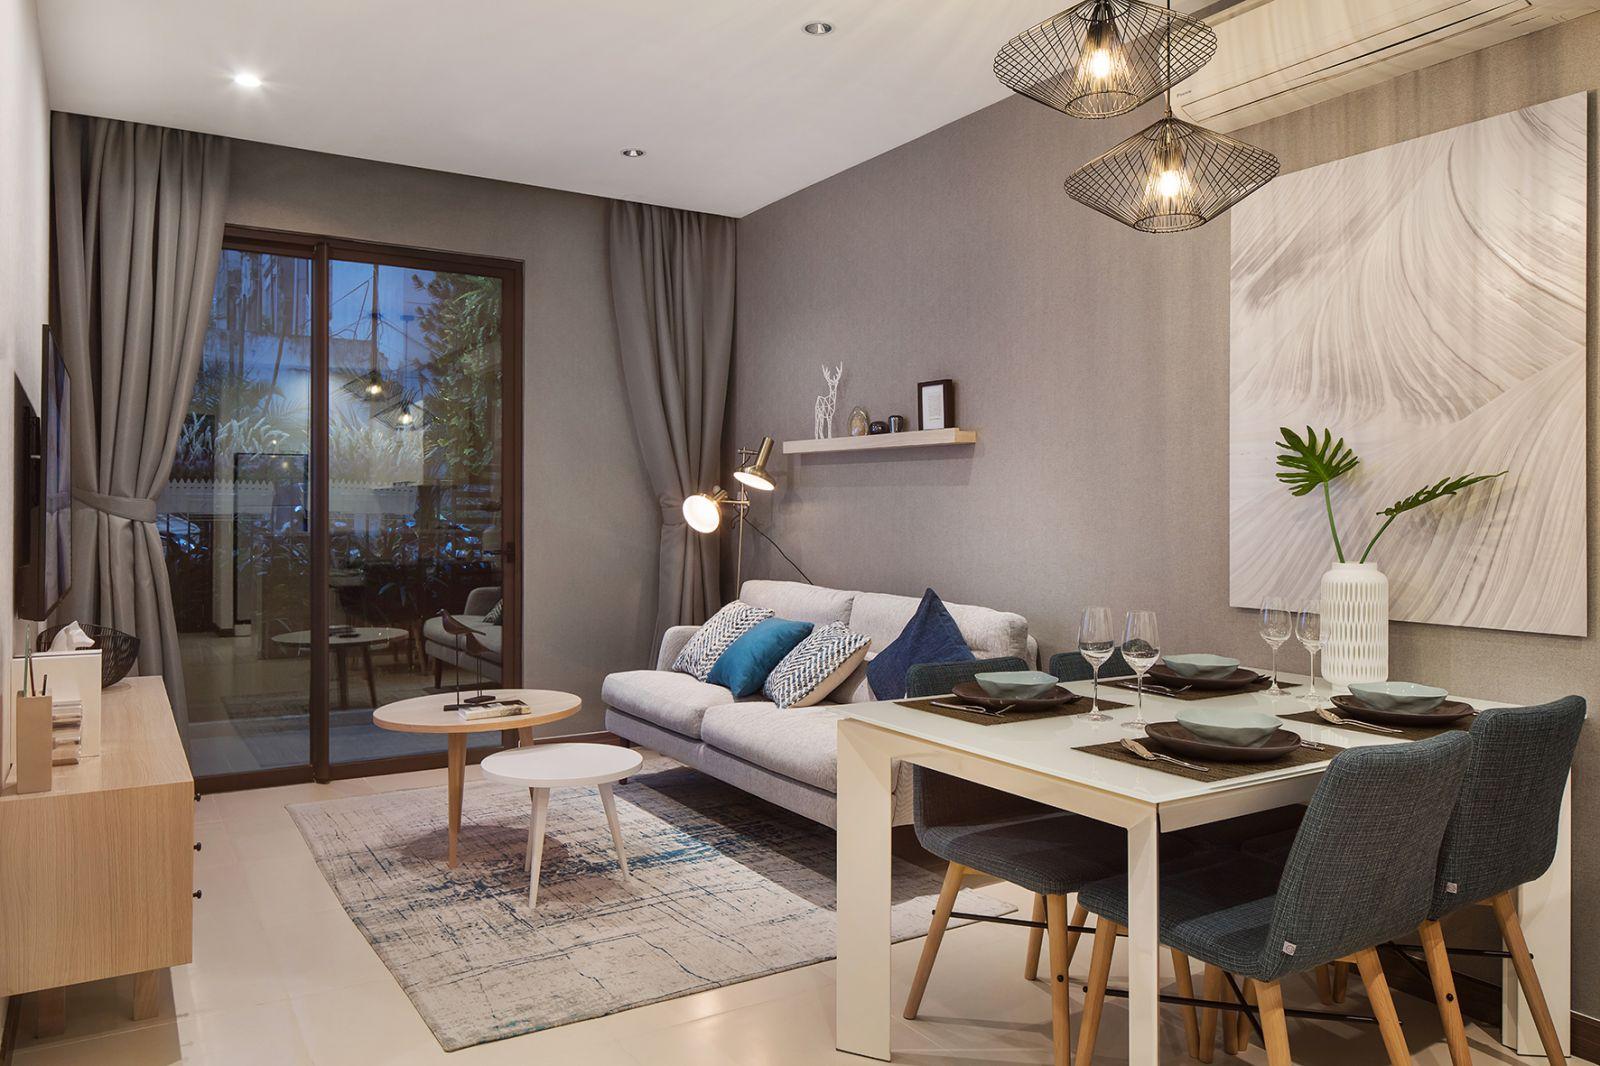 Thiết kế nội thất căn hộ Hà Đô Centrosa sang trọng